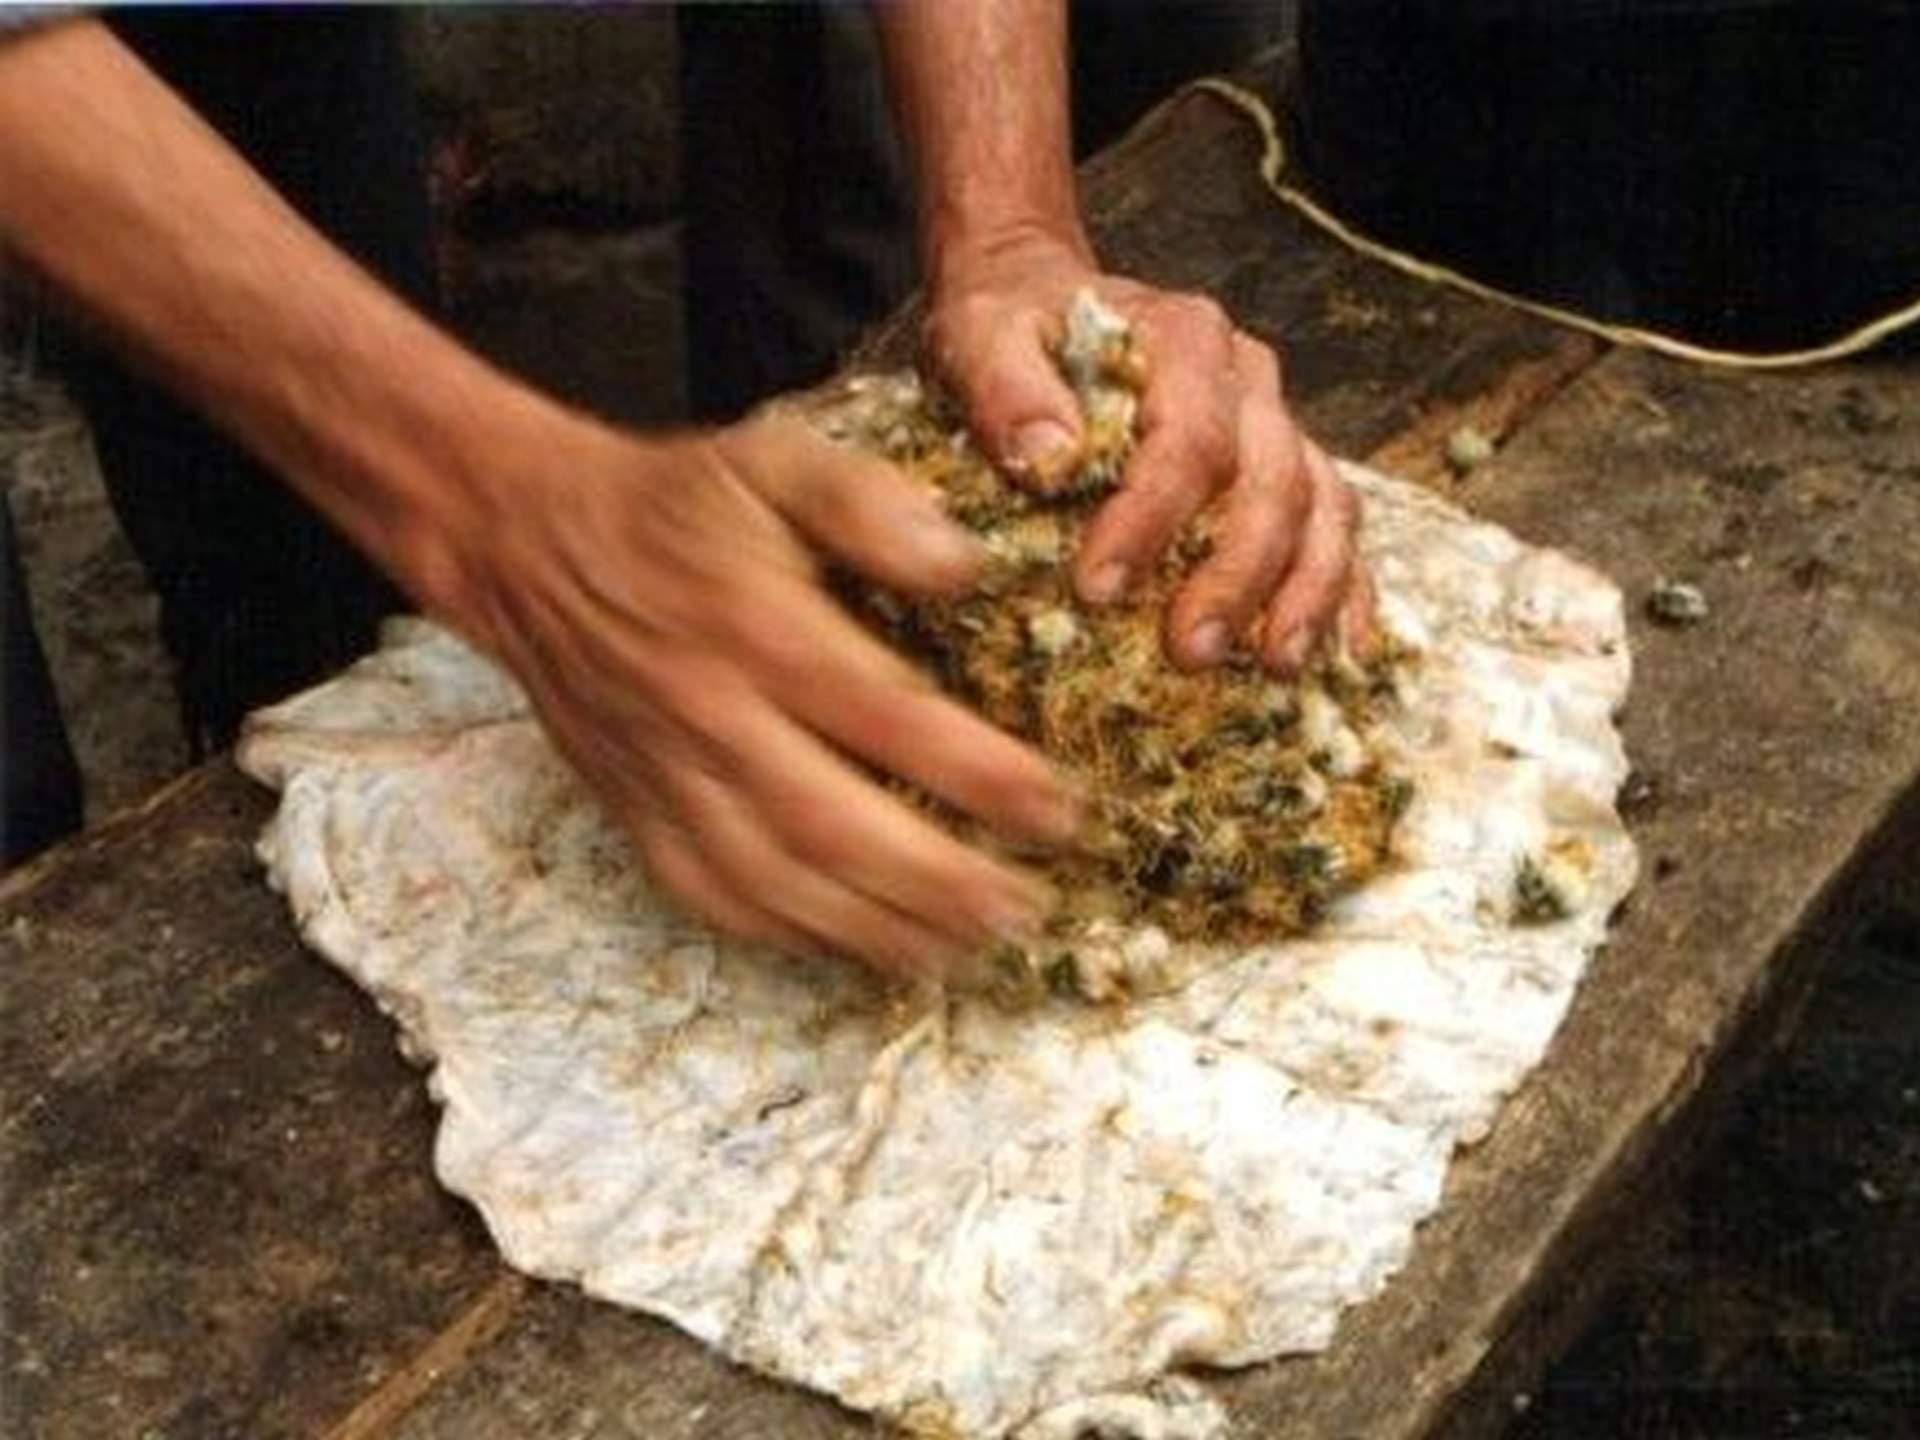 Výroba pampeliškového biodynamického preparátu